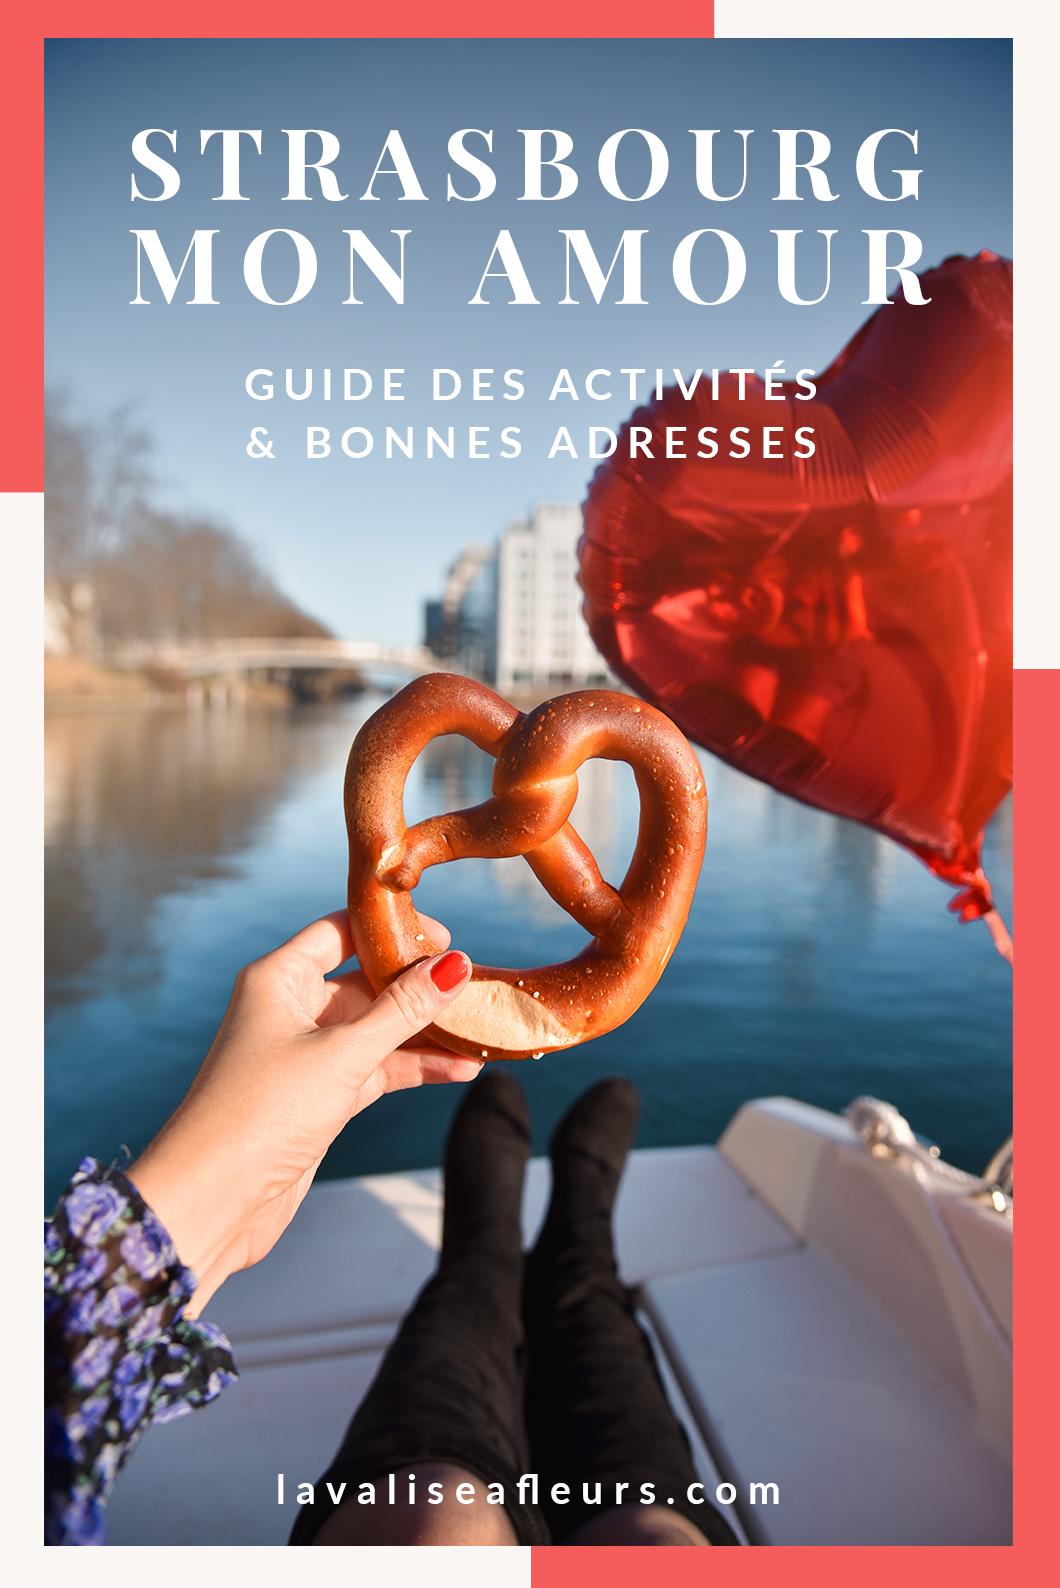 Guide des activites et bonnes adresses à Strasbourg mon Amour